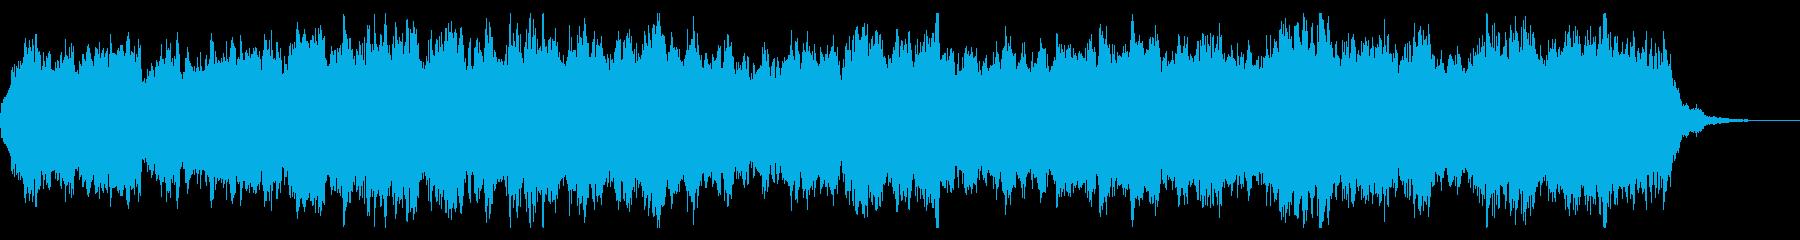 きよしこの夜 クリスマス ミックス2の再生済みの波形